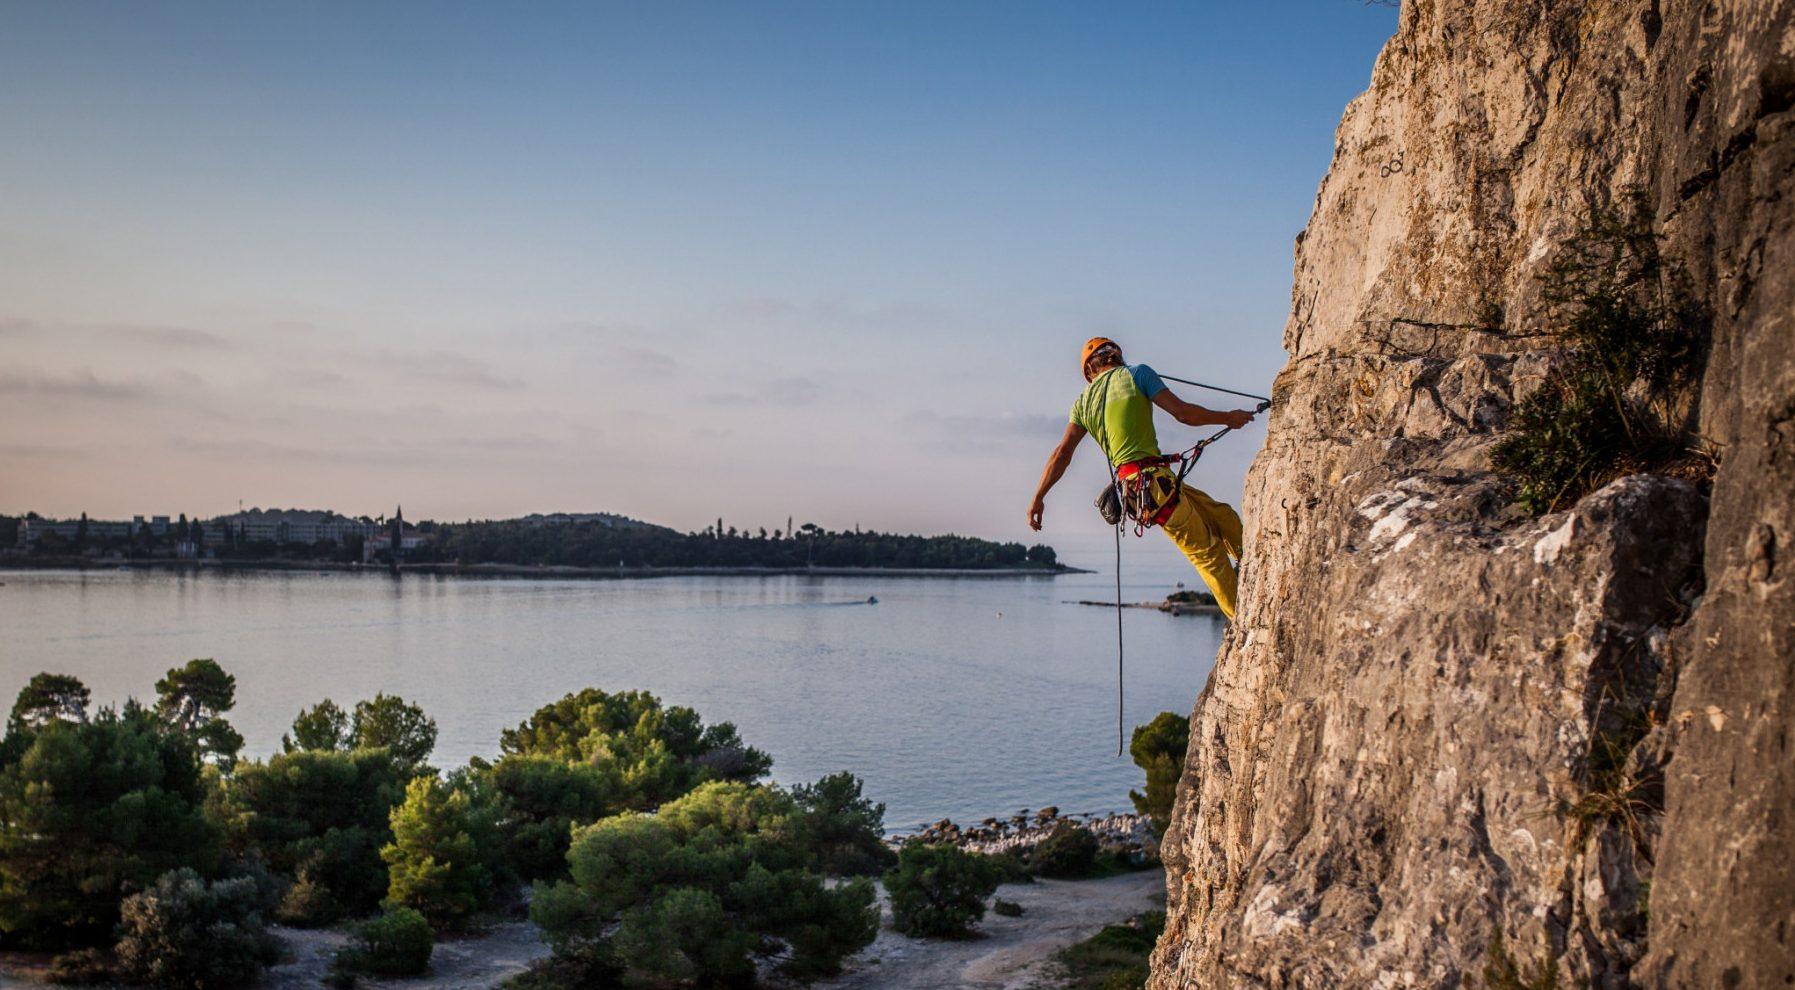 Prijava na tečaj plezanja v skali